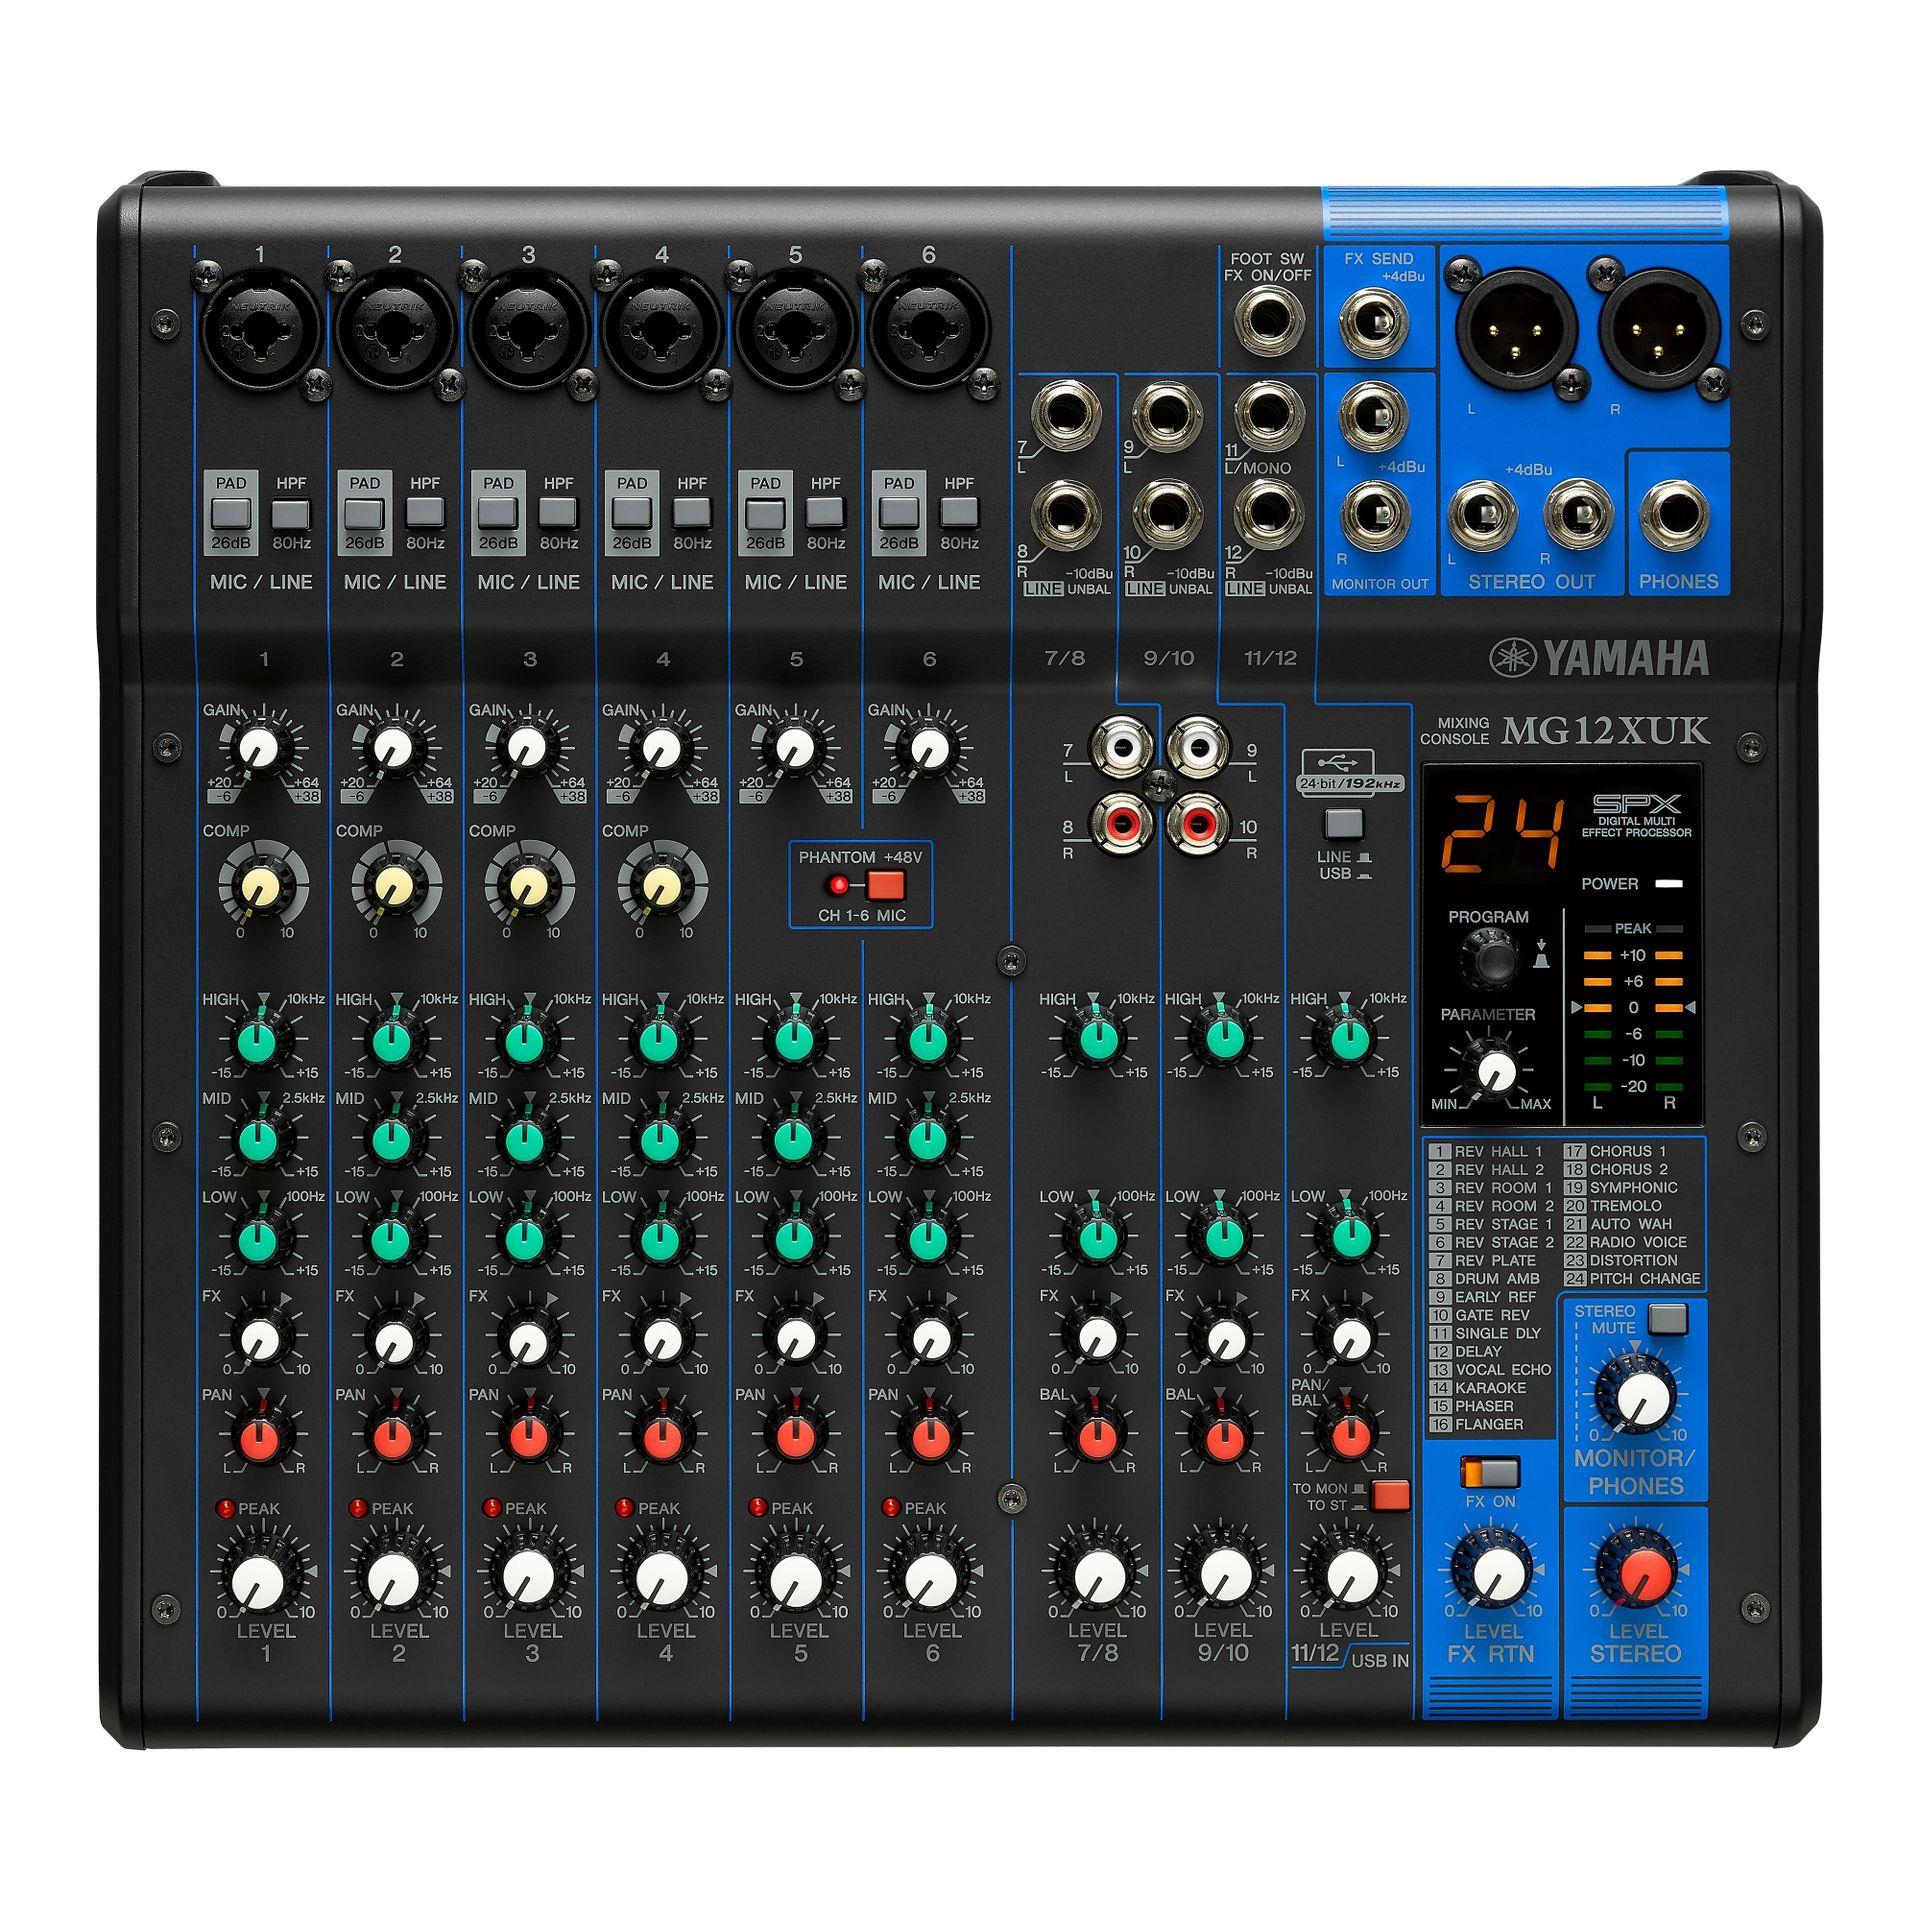 Yamaha MG12 XUK Mixer, SPX Effekt, USB, 6 Mikrofoneingänge, 4 Stereoeingänge